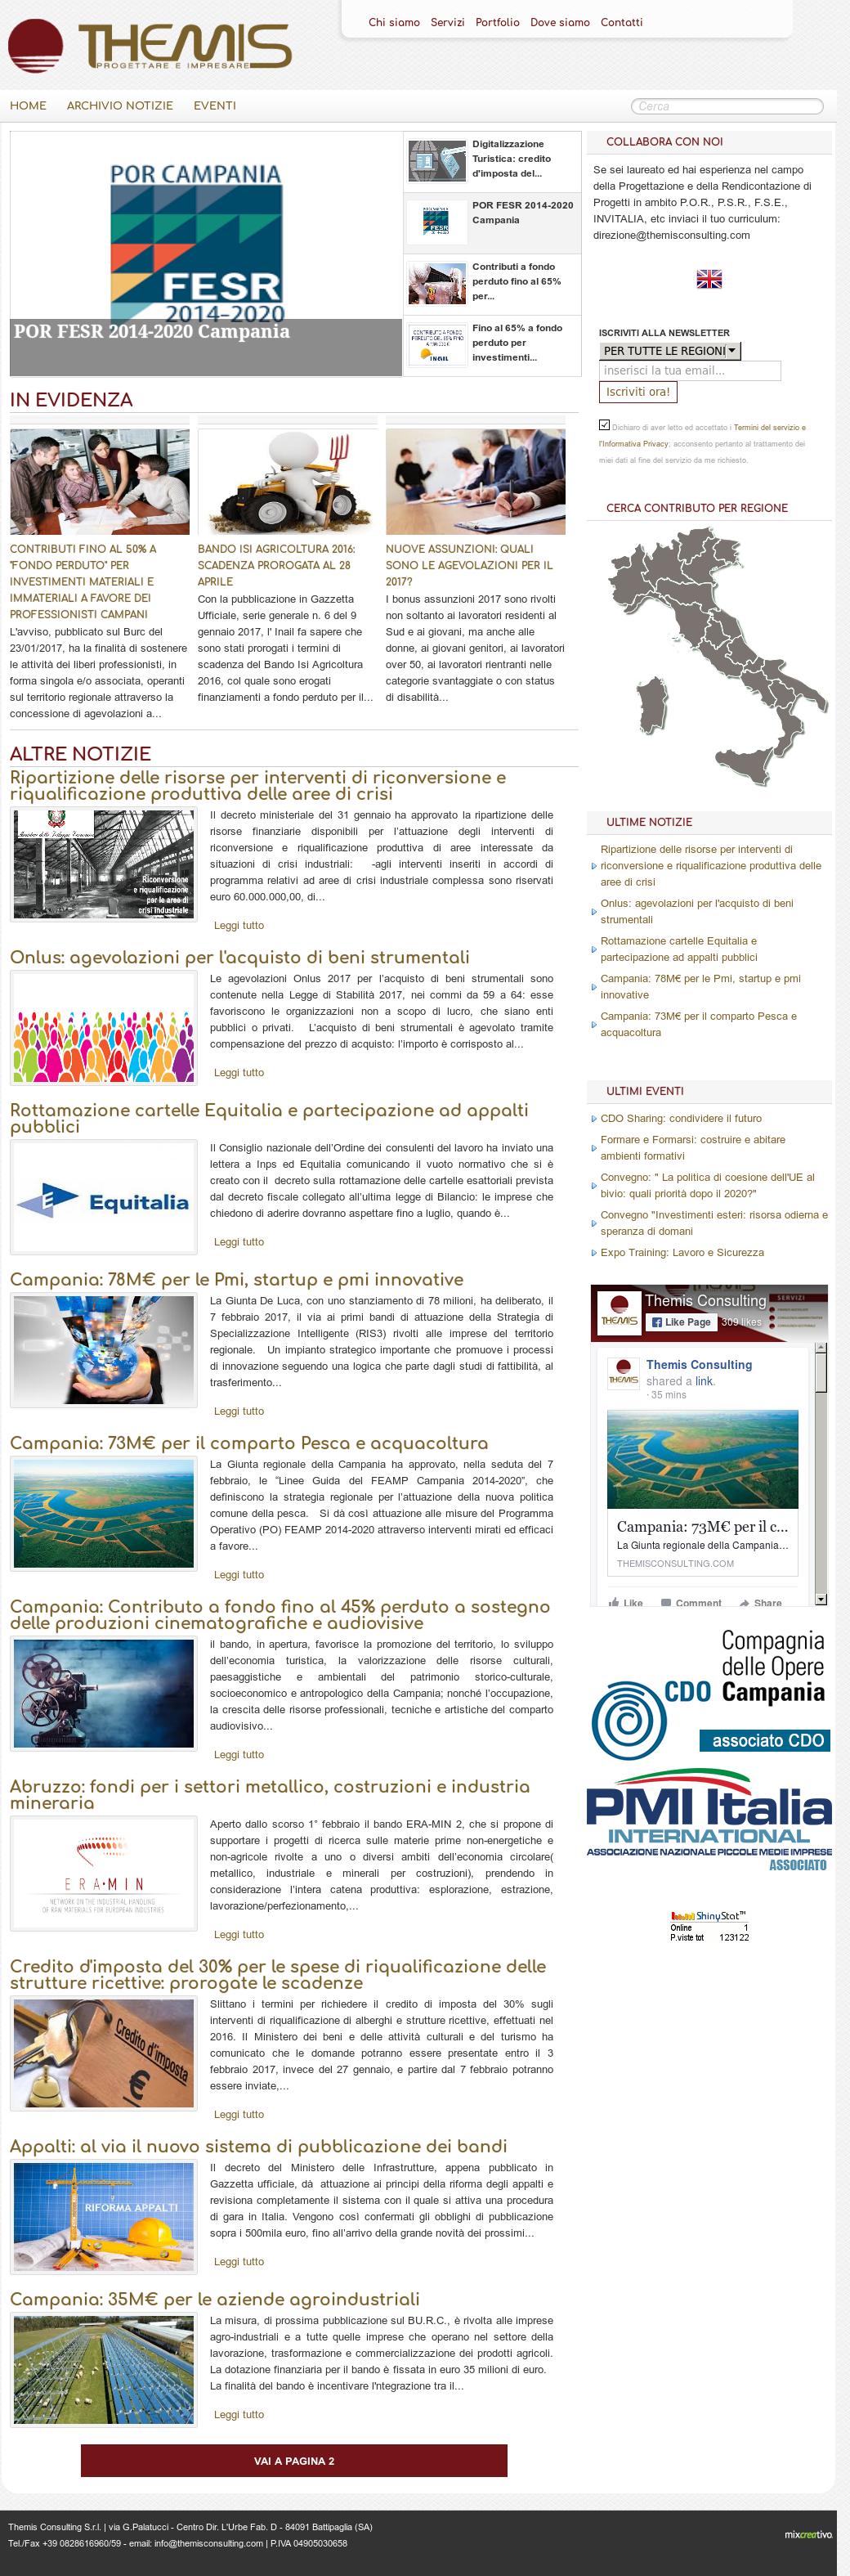 Imprese Di Costruzioni Campania themisconsulting competitors, revenue and employees - owler